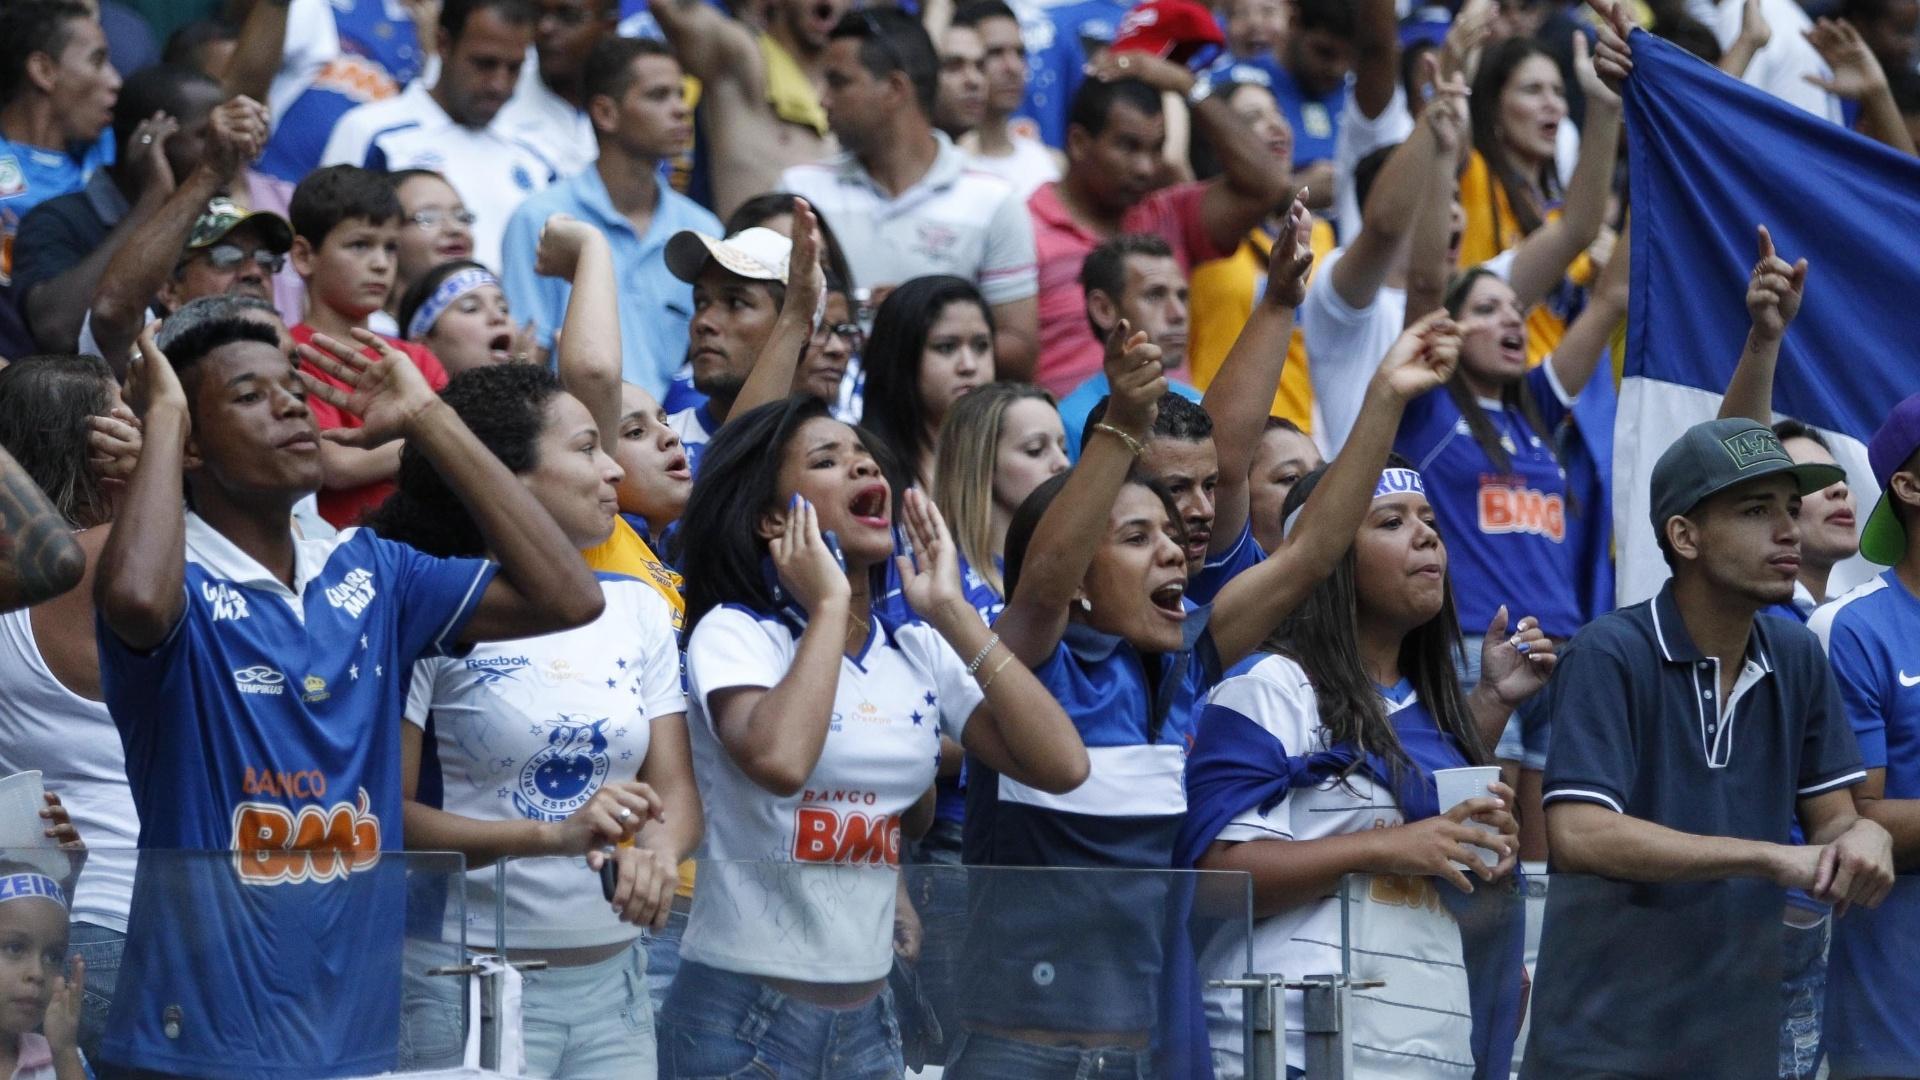 Torcedores do Cruzeiro na expectativa para o duelo com o Criciúma